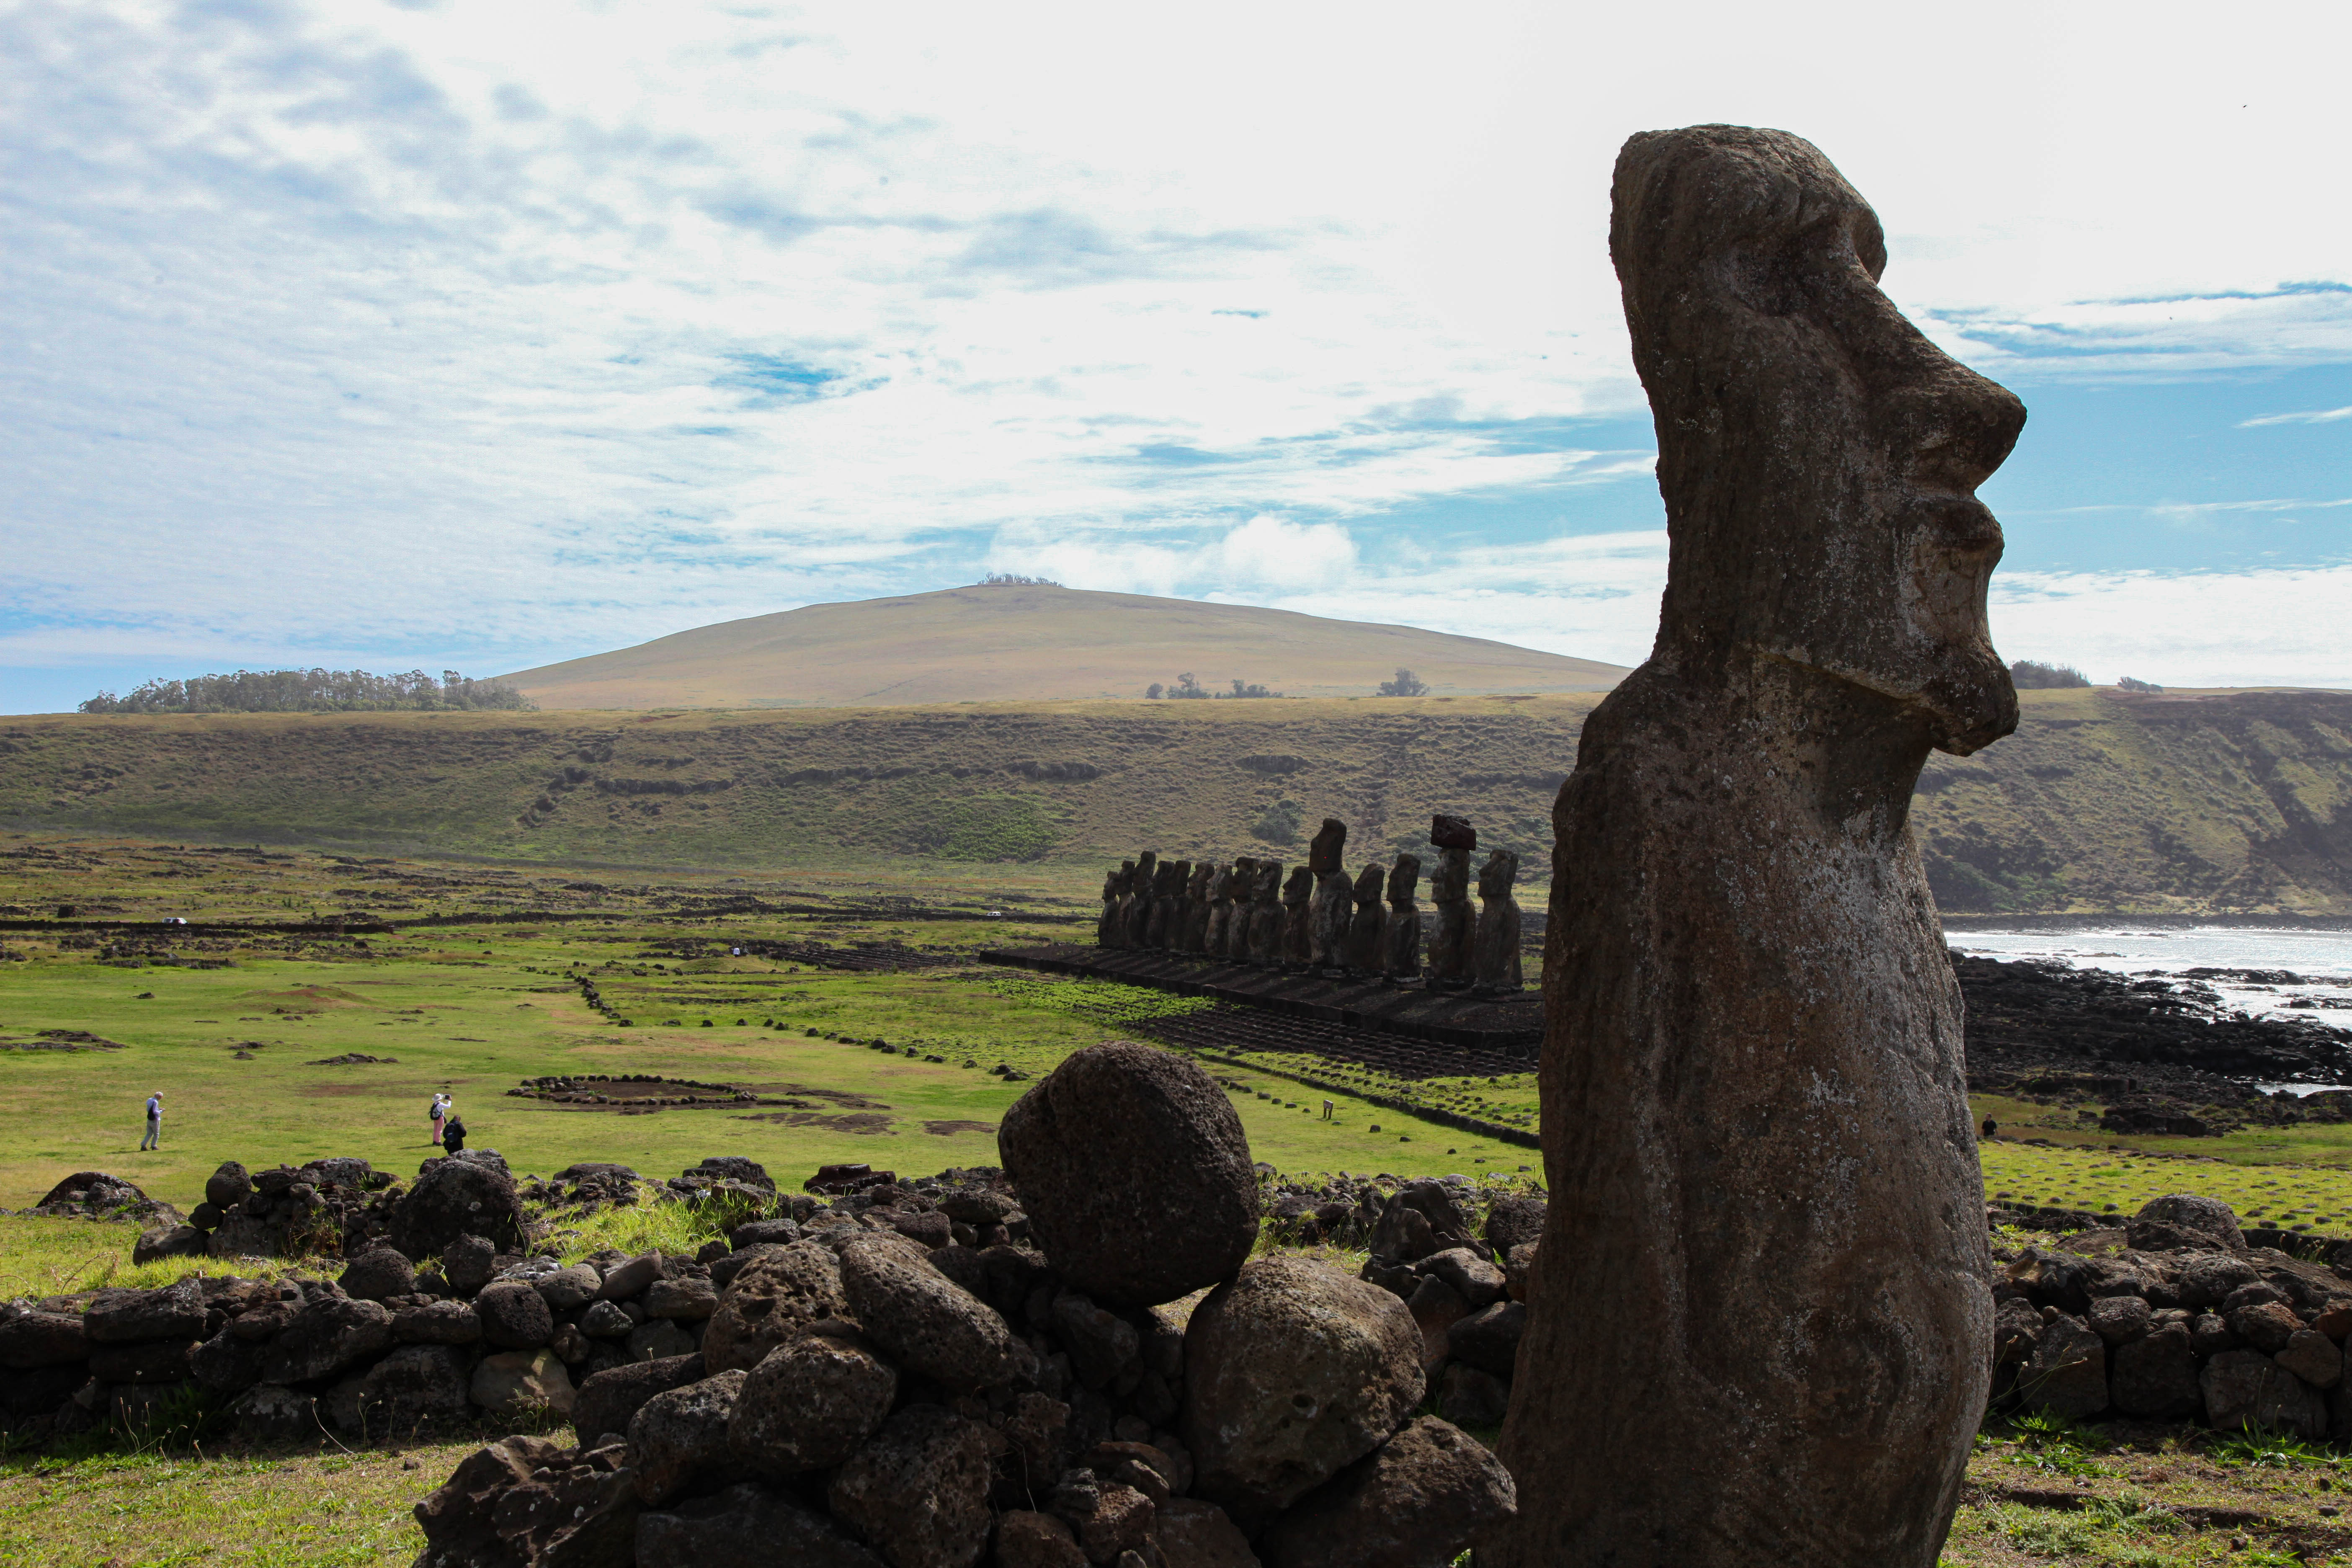 The travelling moai and Ahu Tongariki